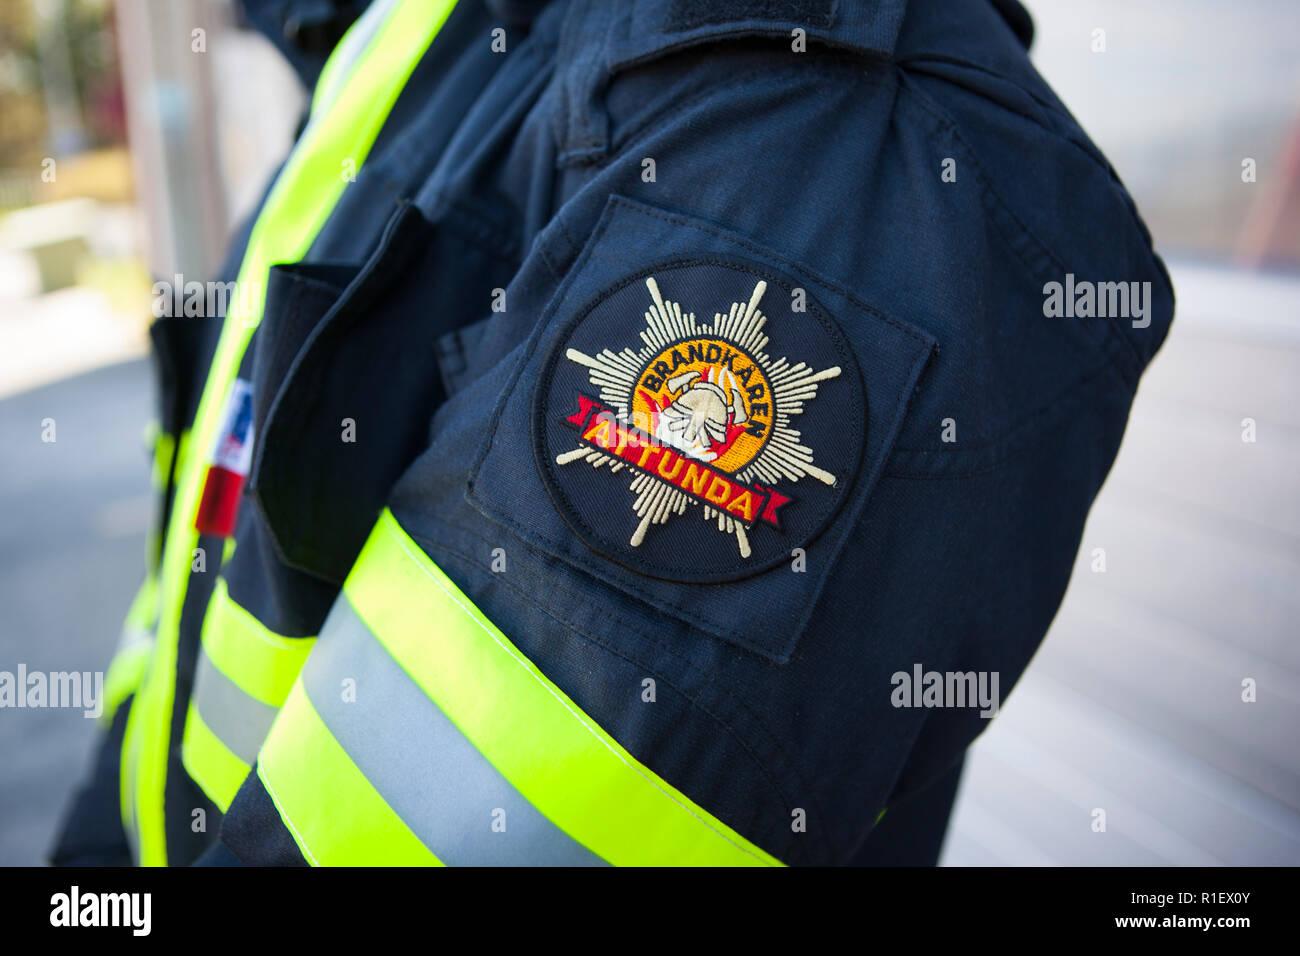 Brandmän på Attunda brandstation i Sollentuna. - Stock Image